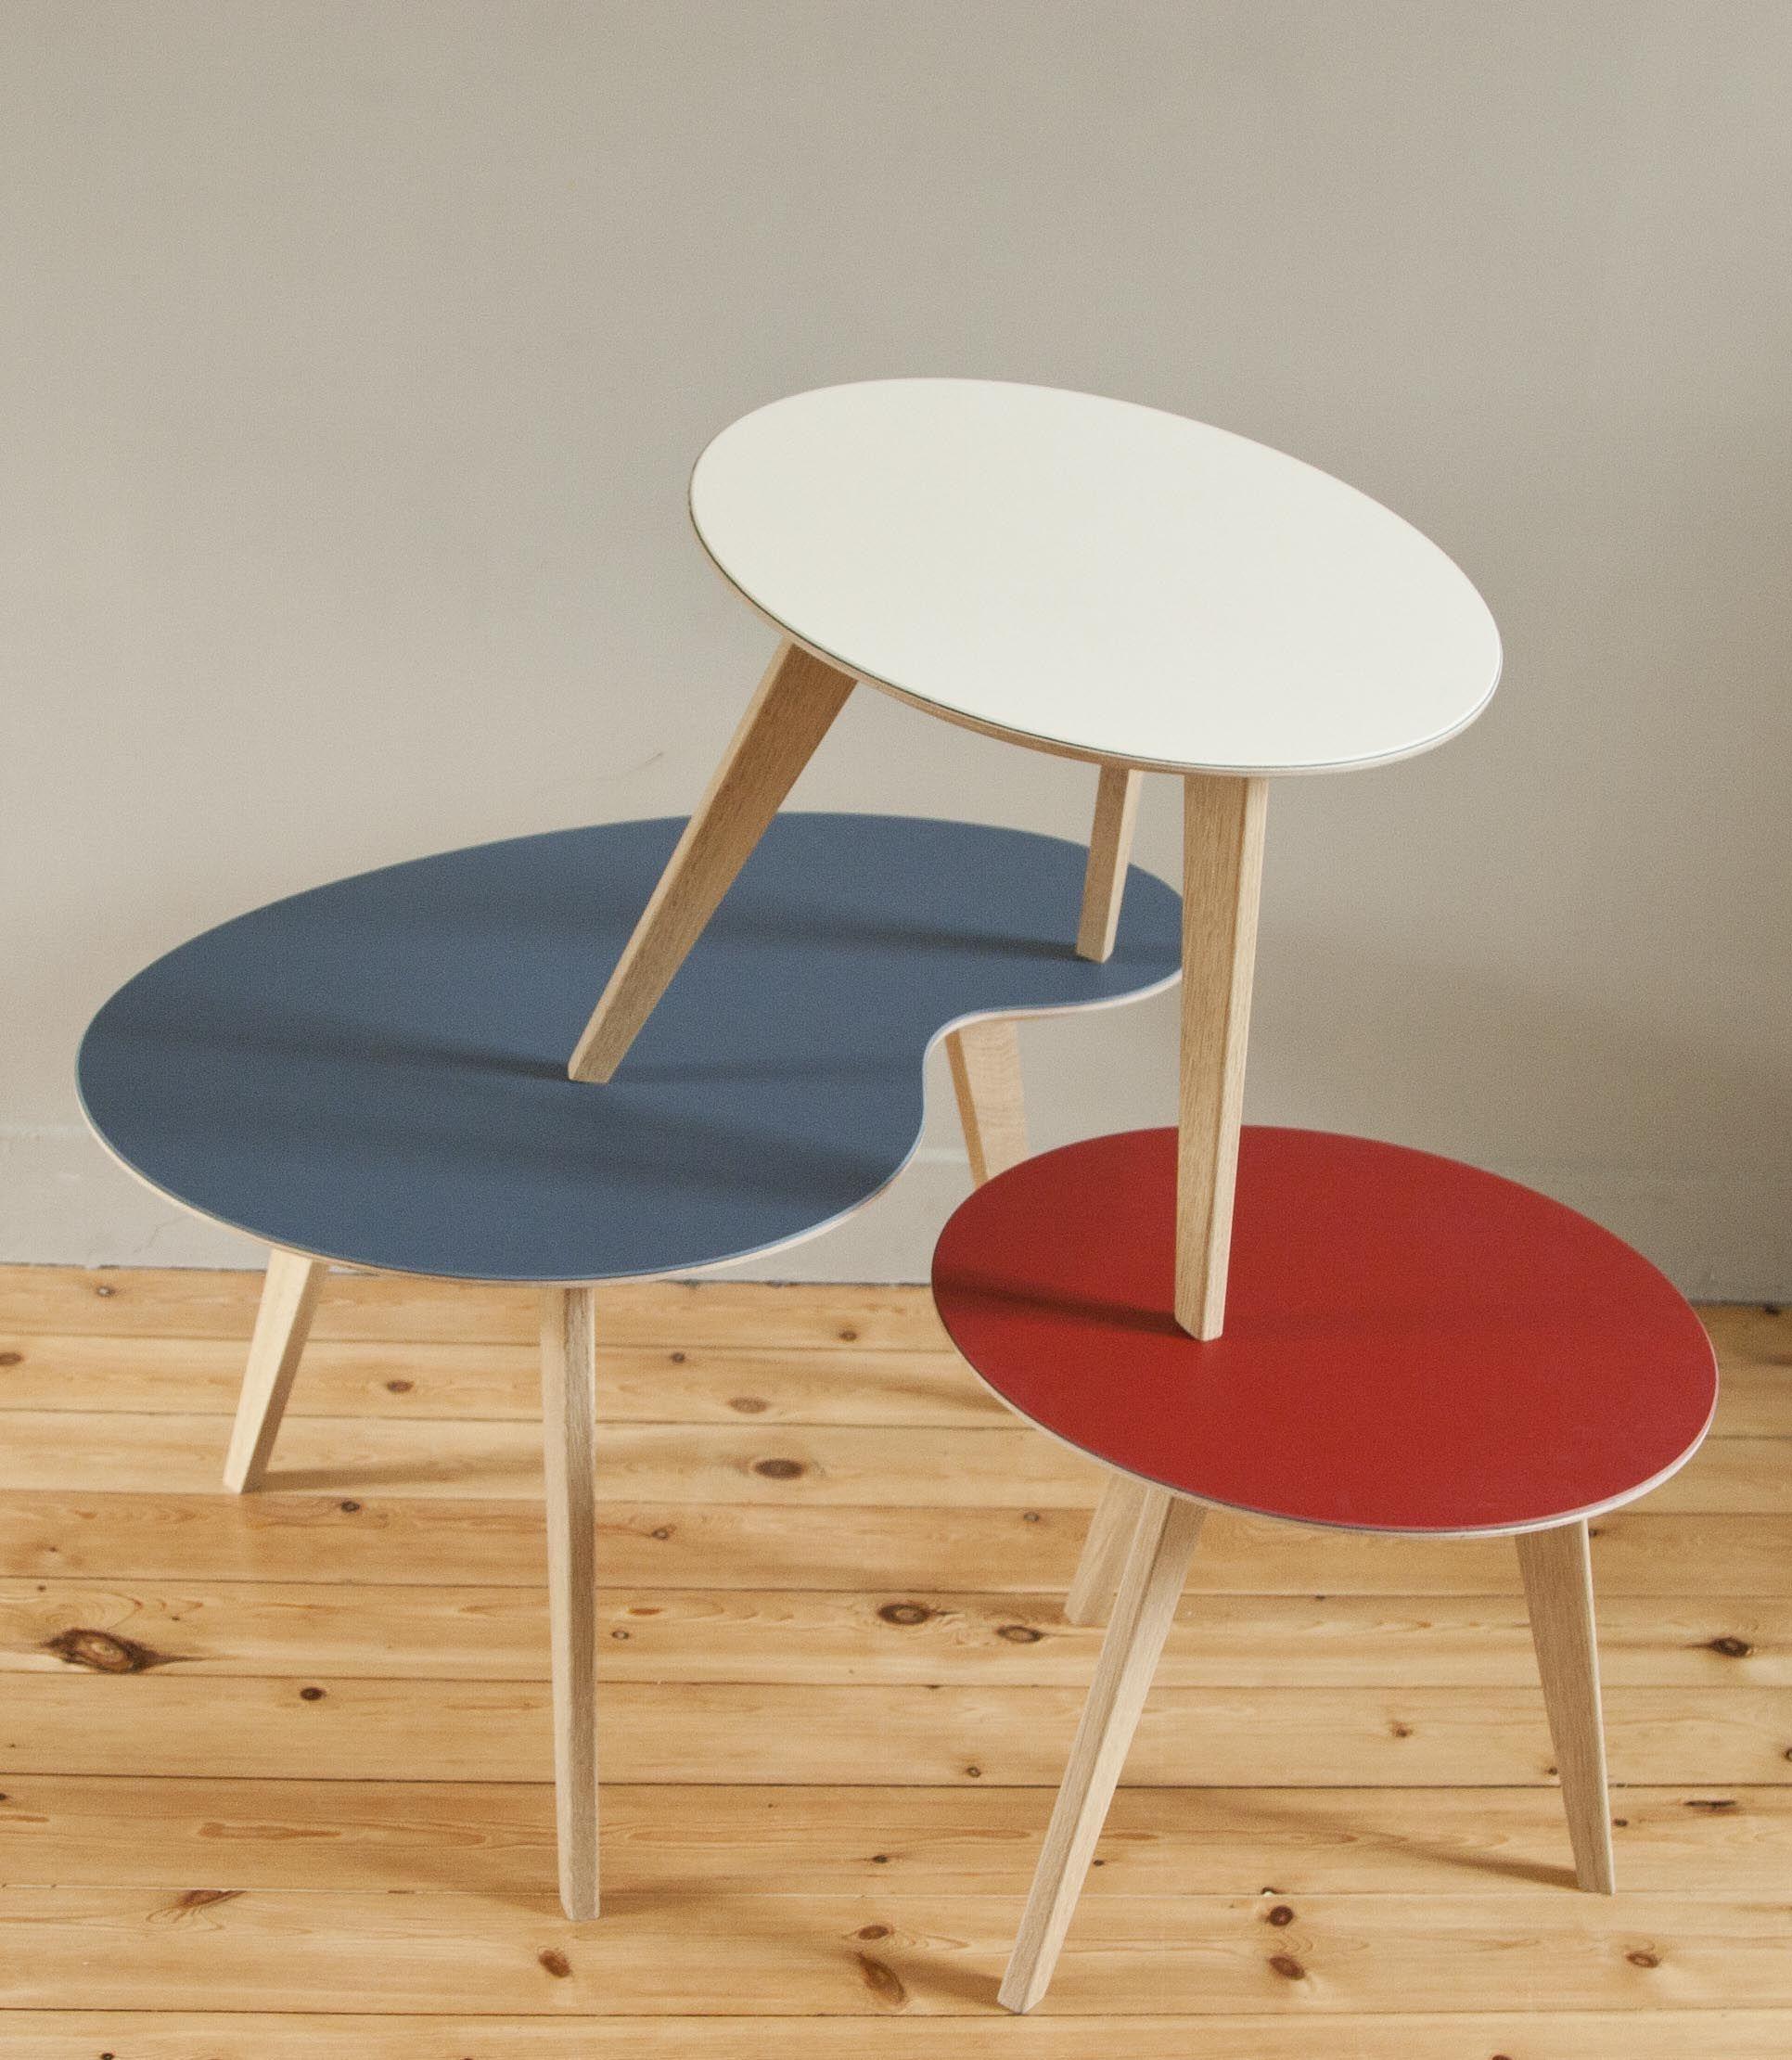 Permalink to Meilleur De De Table Basse Eames Concept